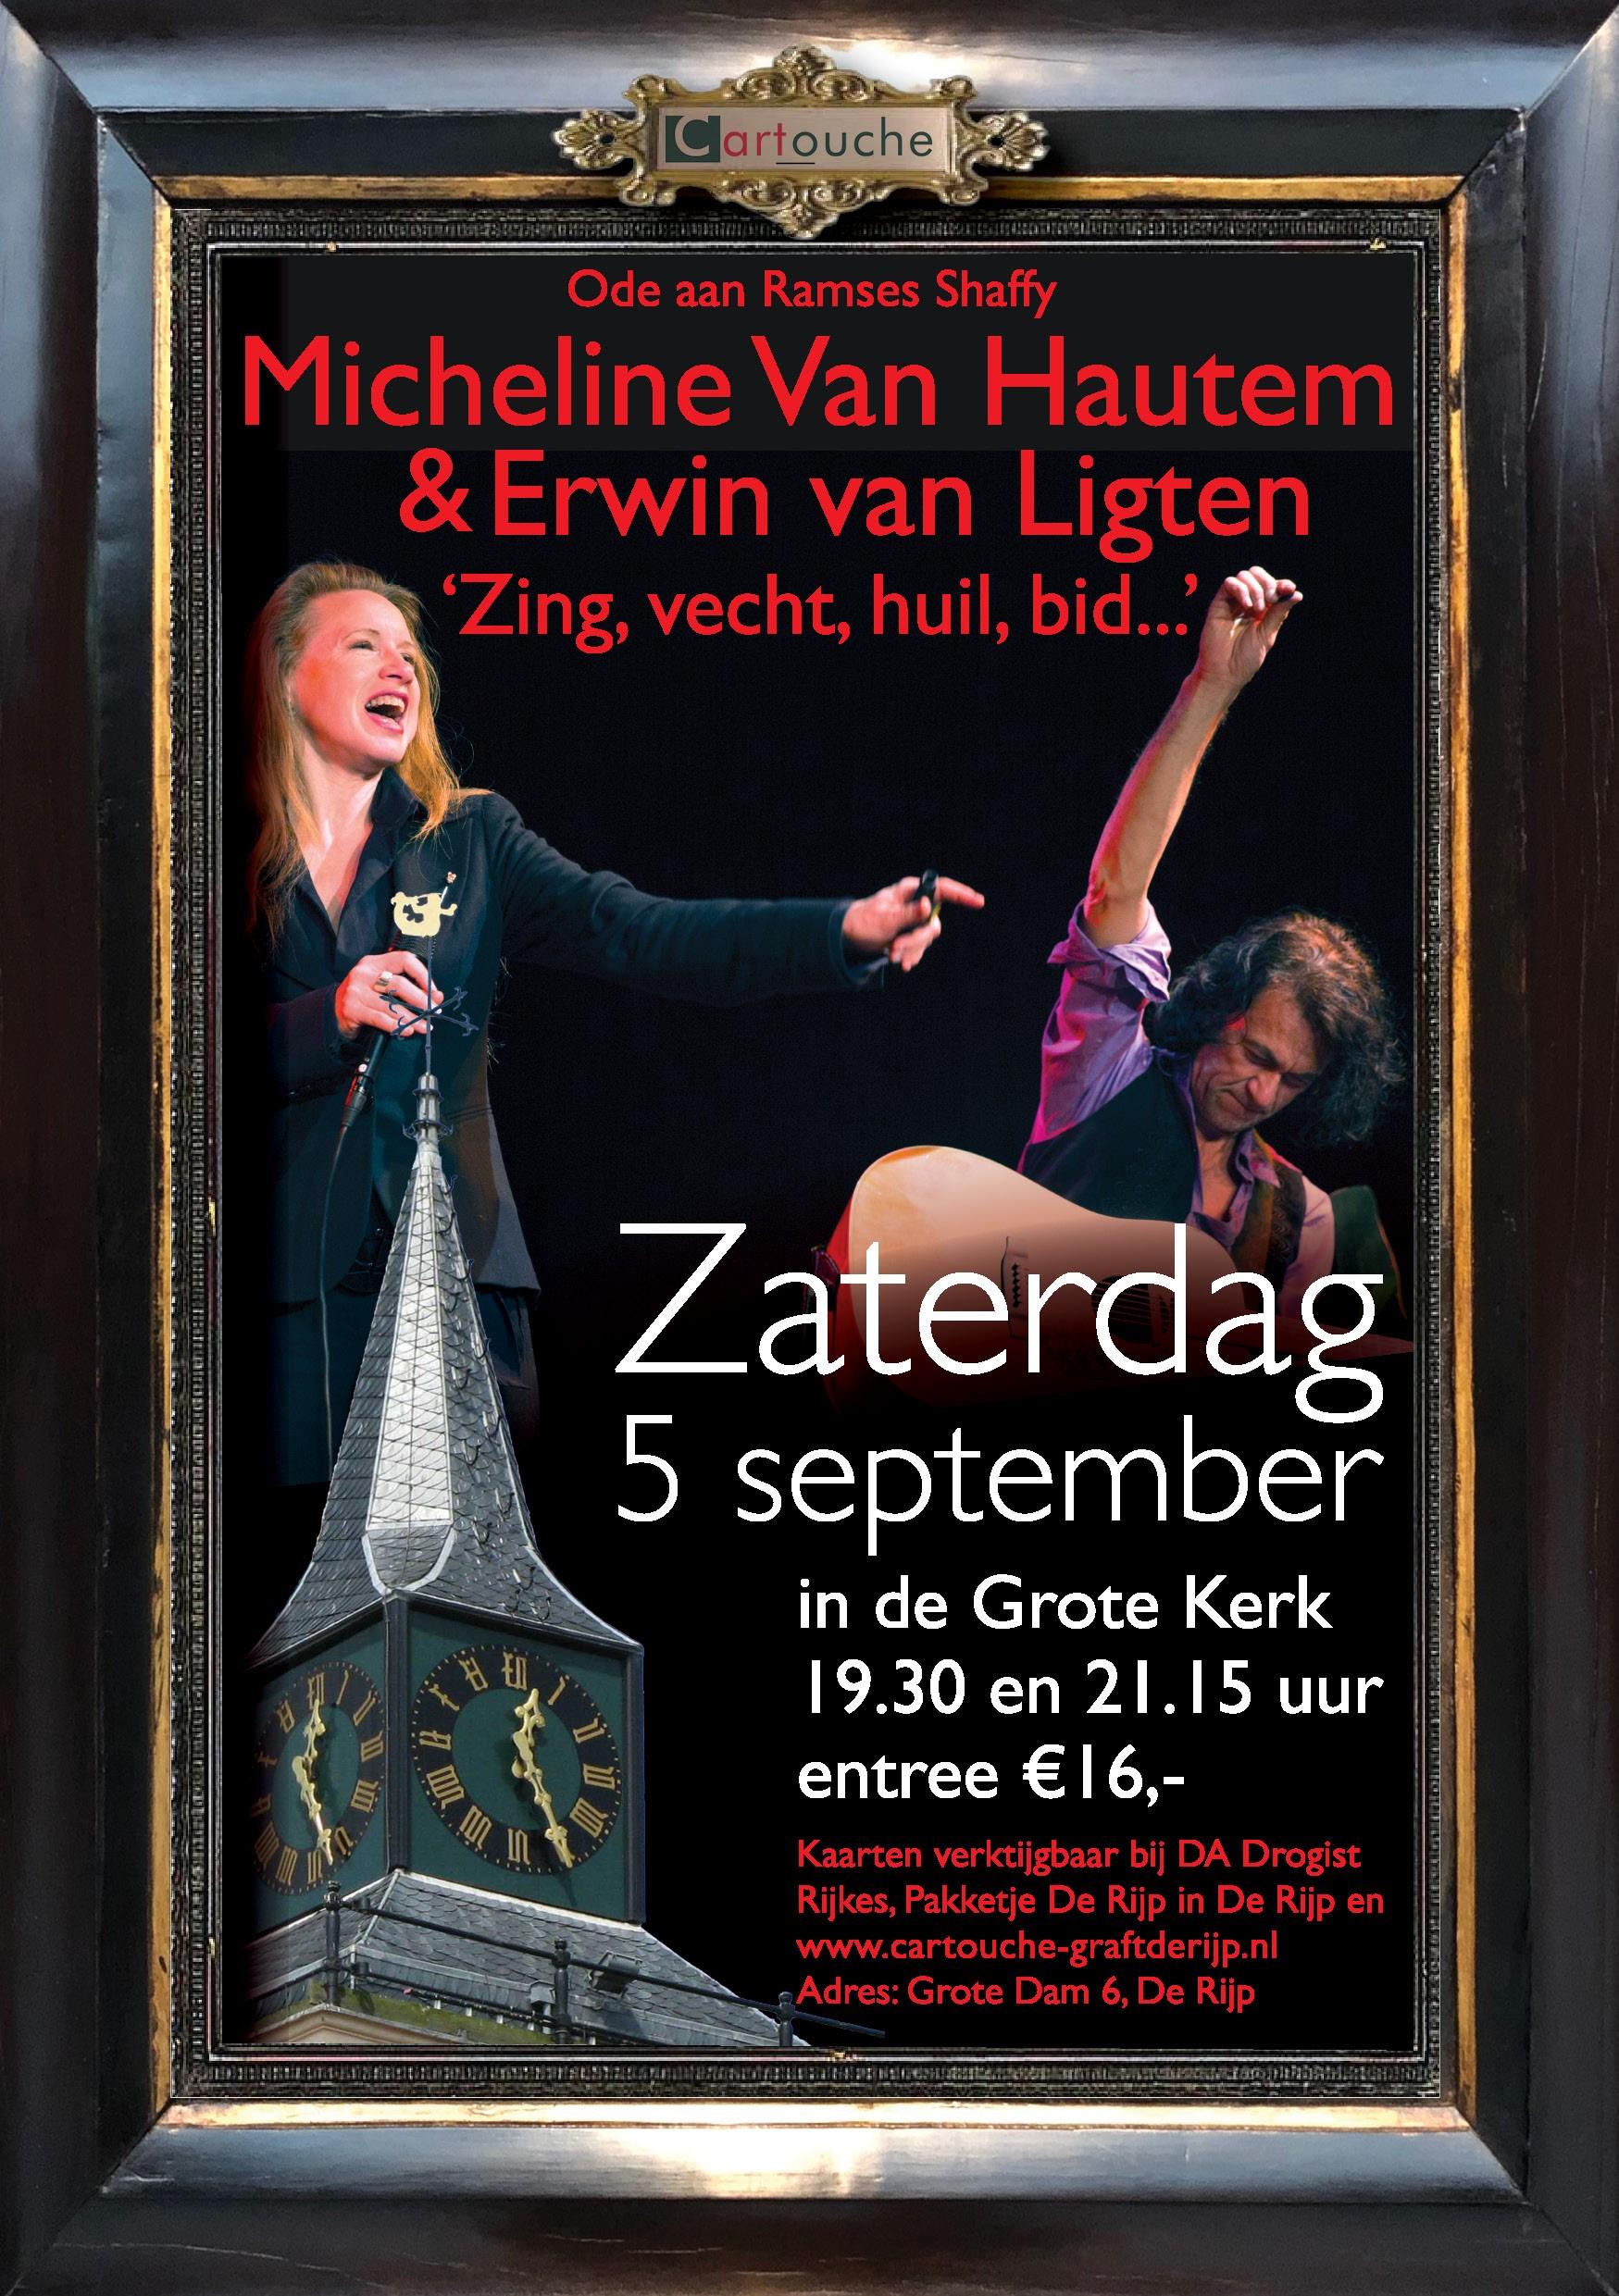 Micheline Van Hautem en Erwin van Ligten Zing, vecht, huil, bid…. 5 september 2020